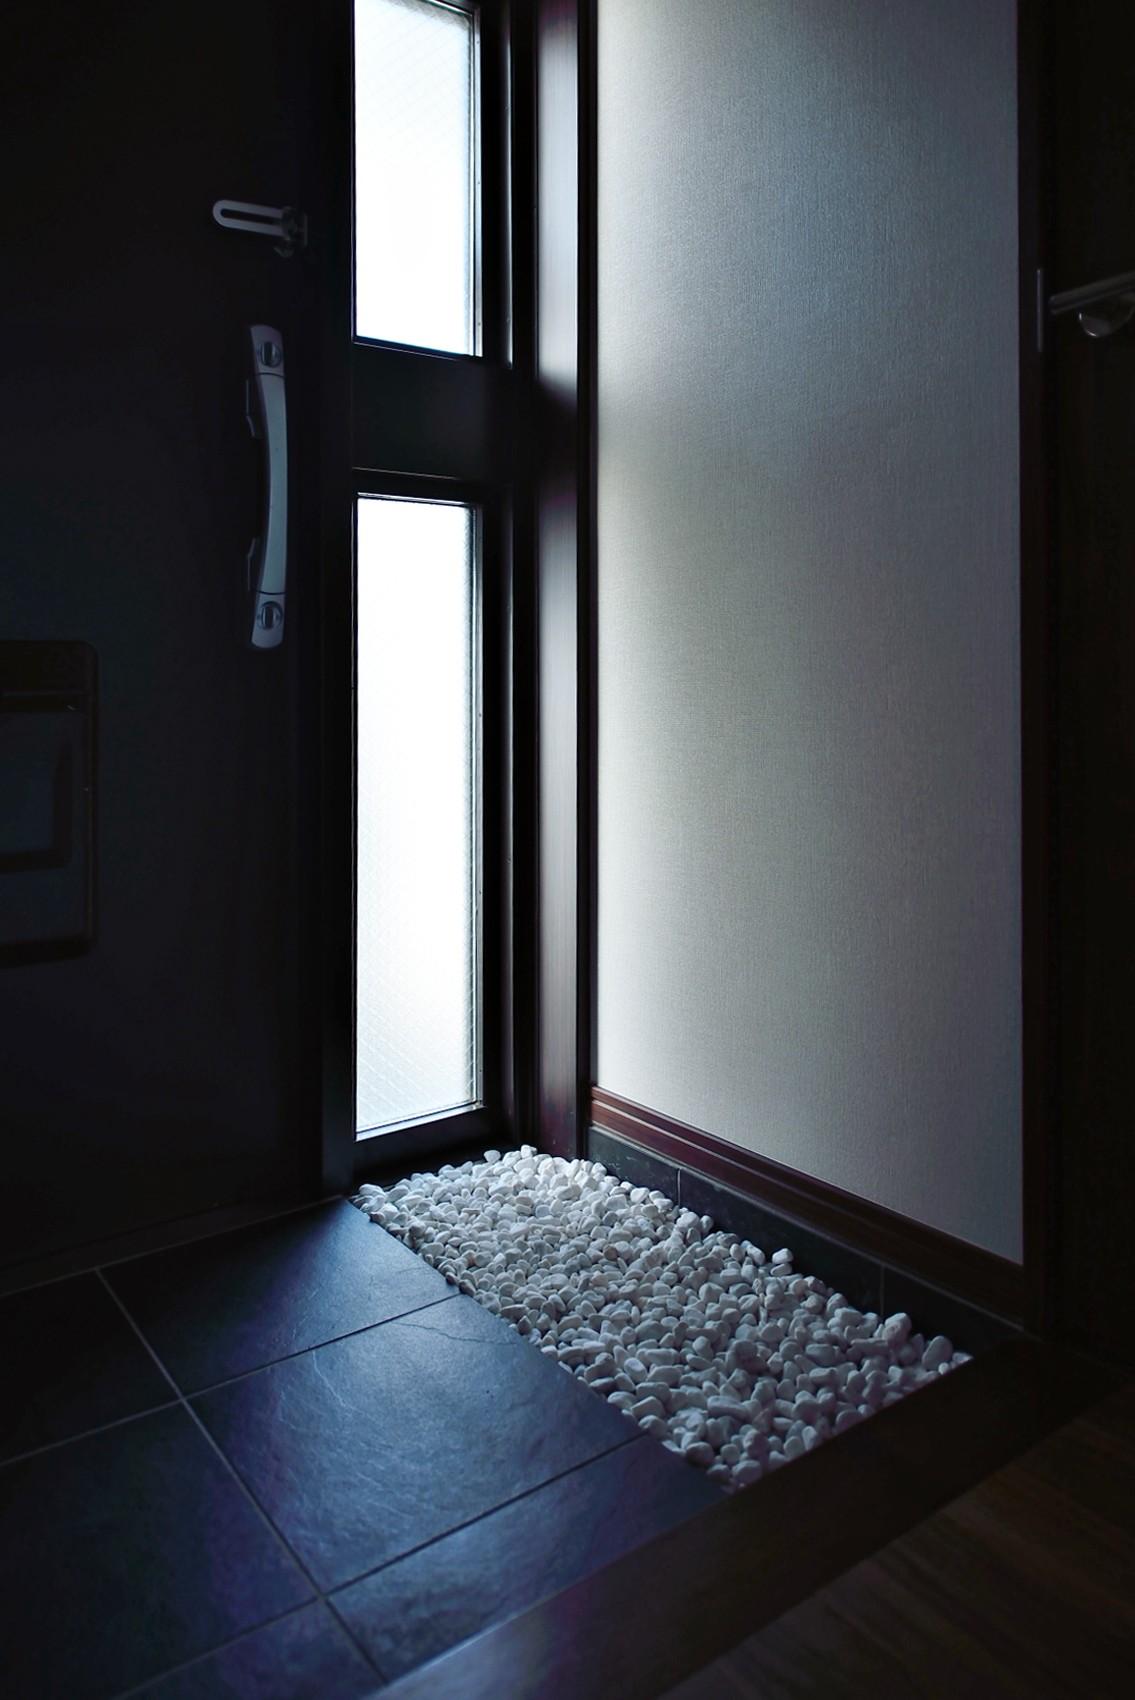 玄関事例:玄関(石材タイルがアクセントのリビングと小上がりを兼ね備えた和モダンリノベーション)